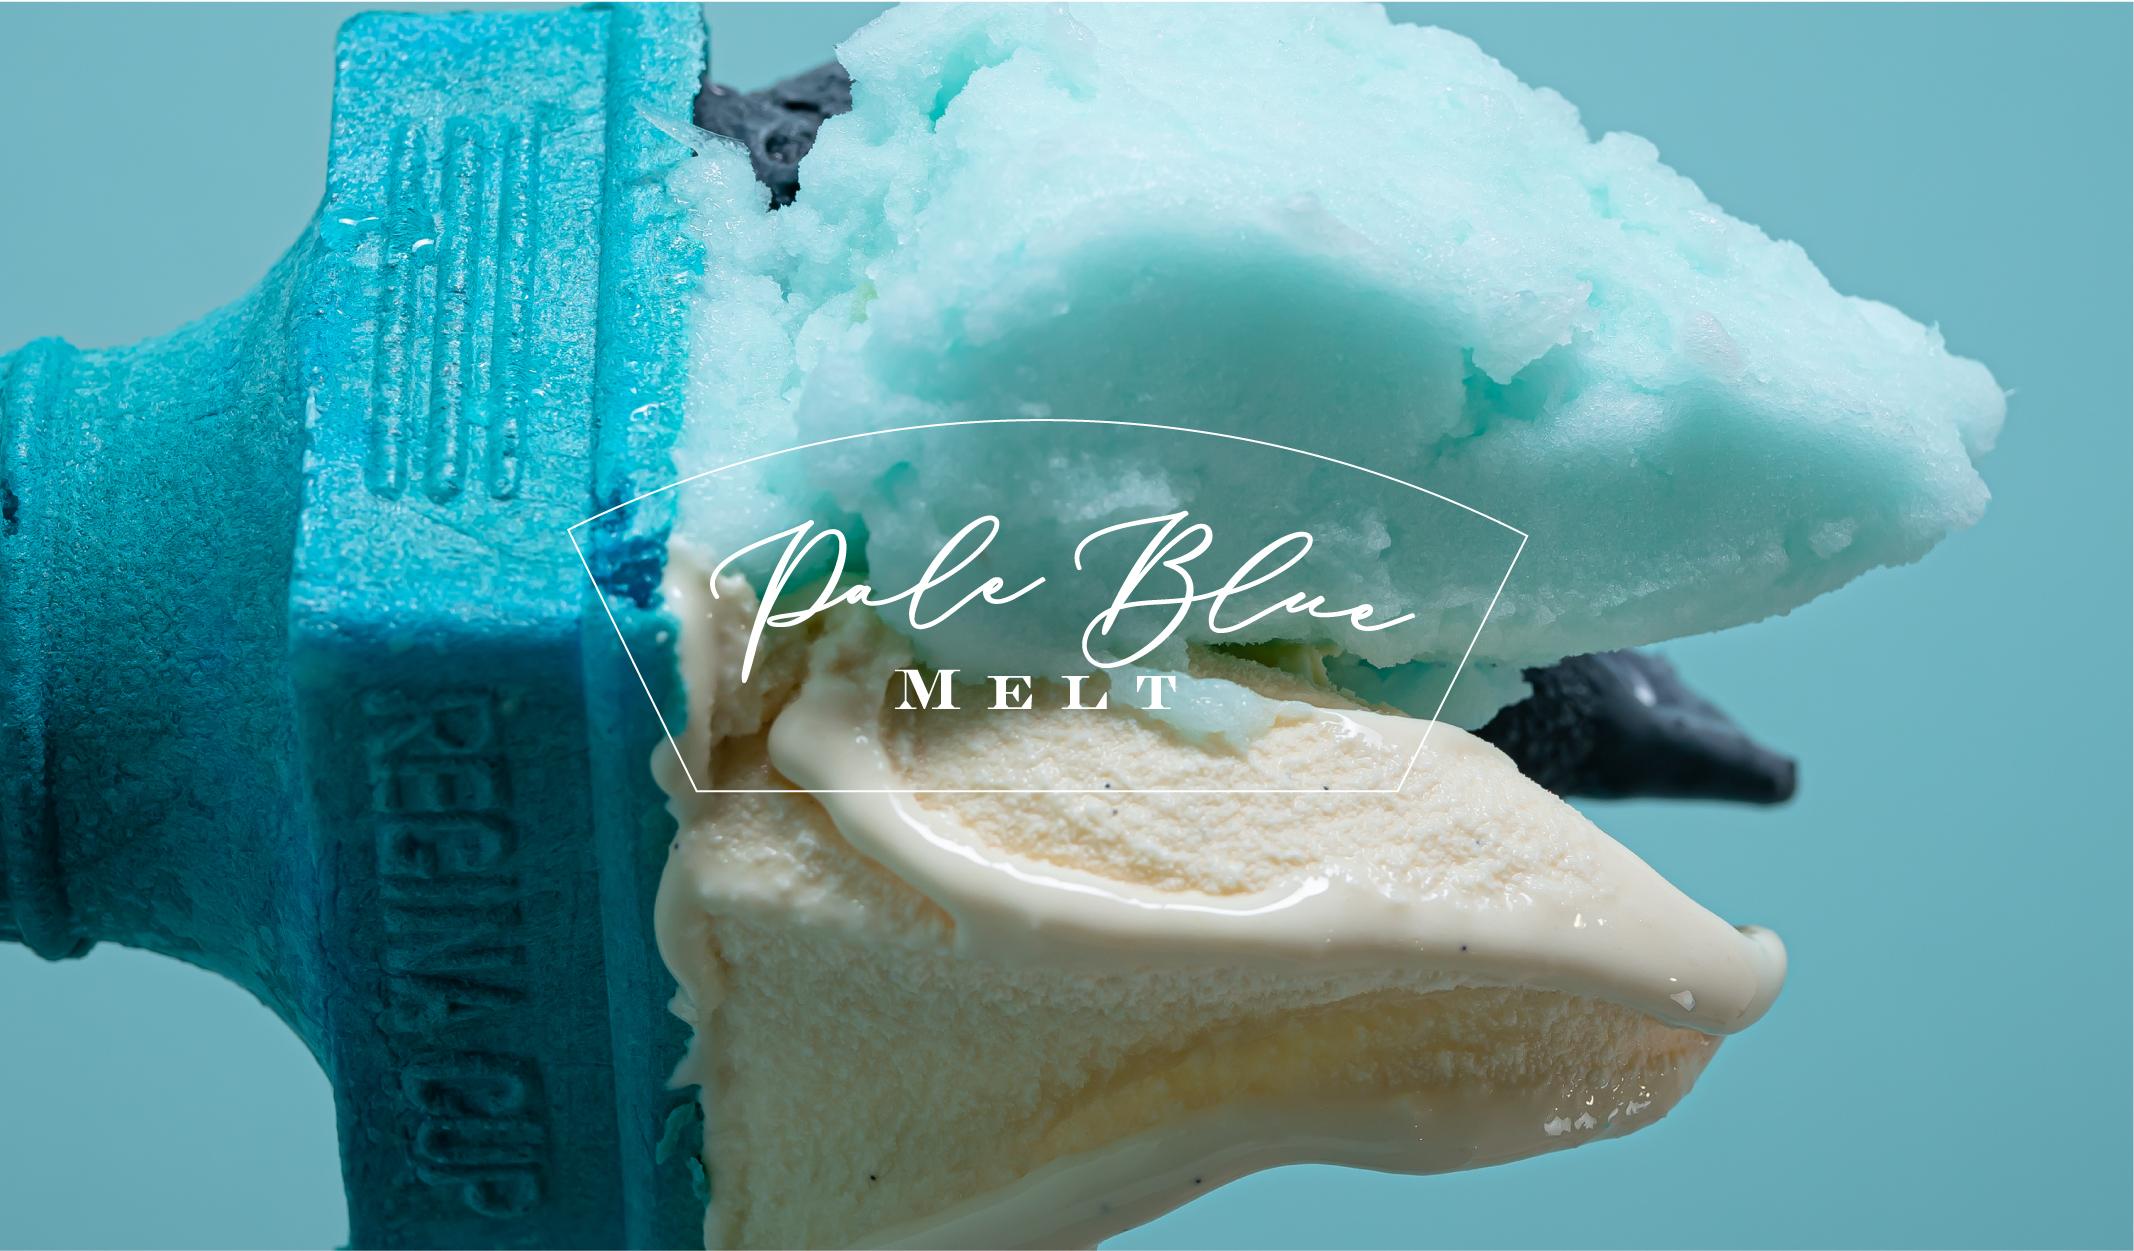 米津玄師「Pale Blue」 x 円山ジェラート